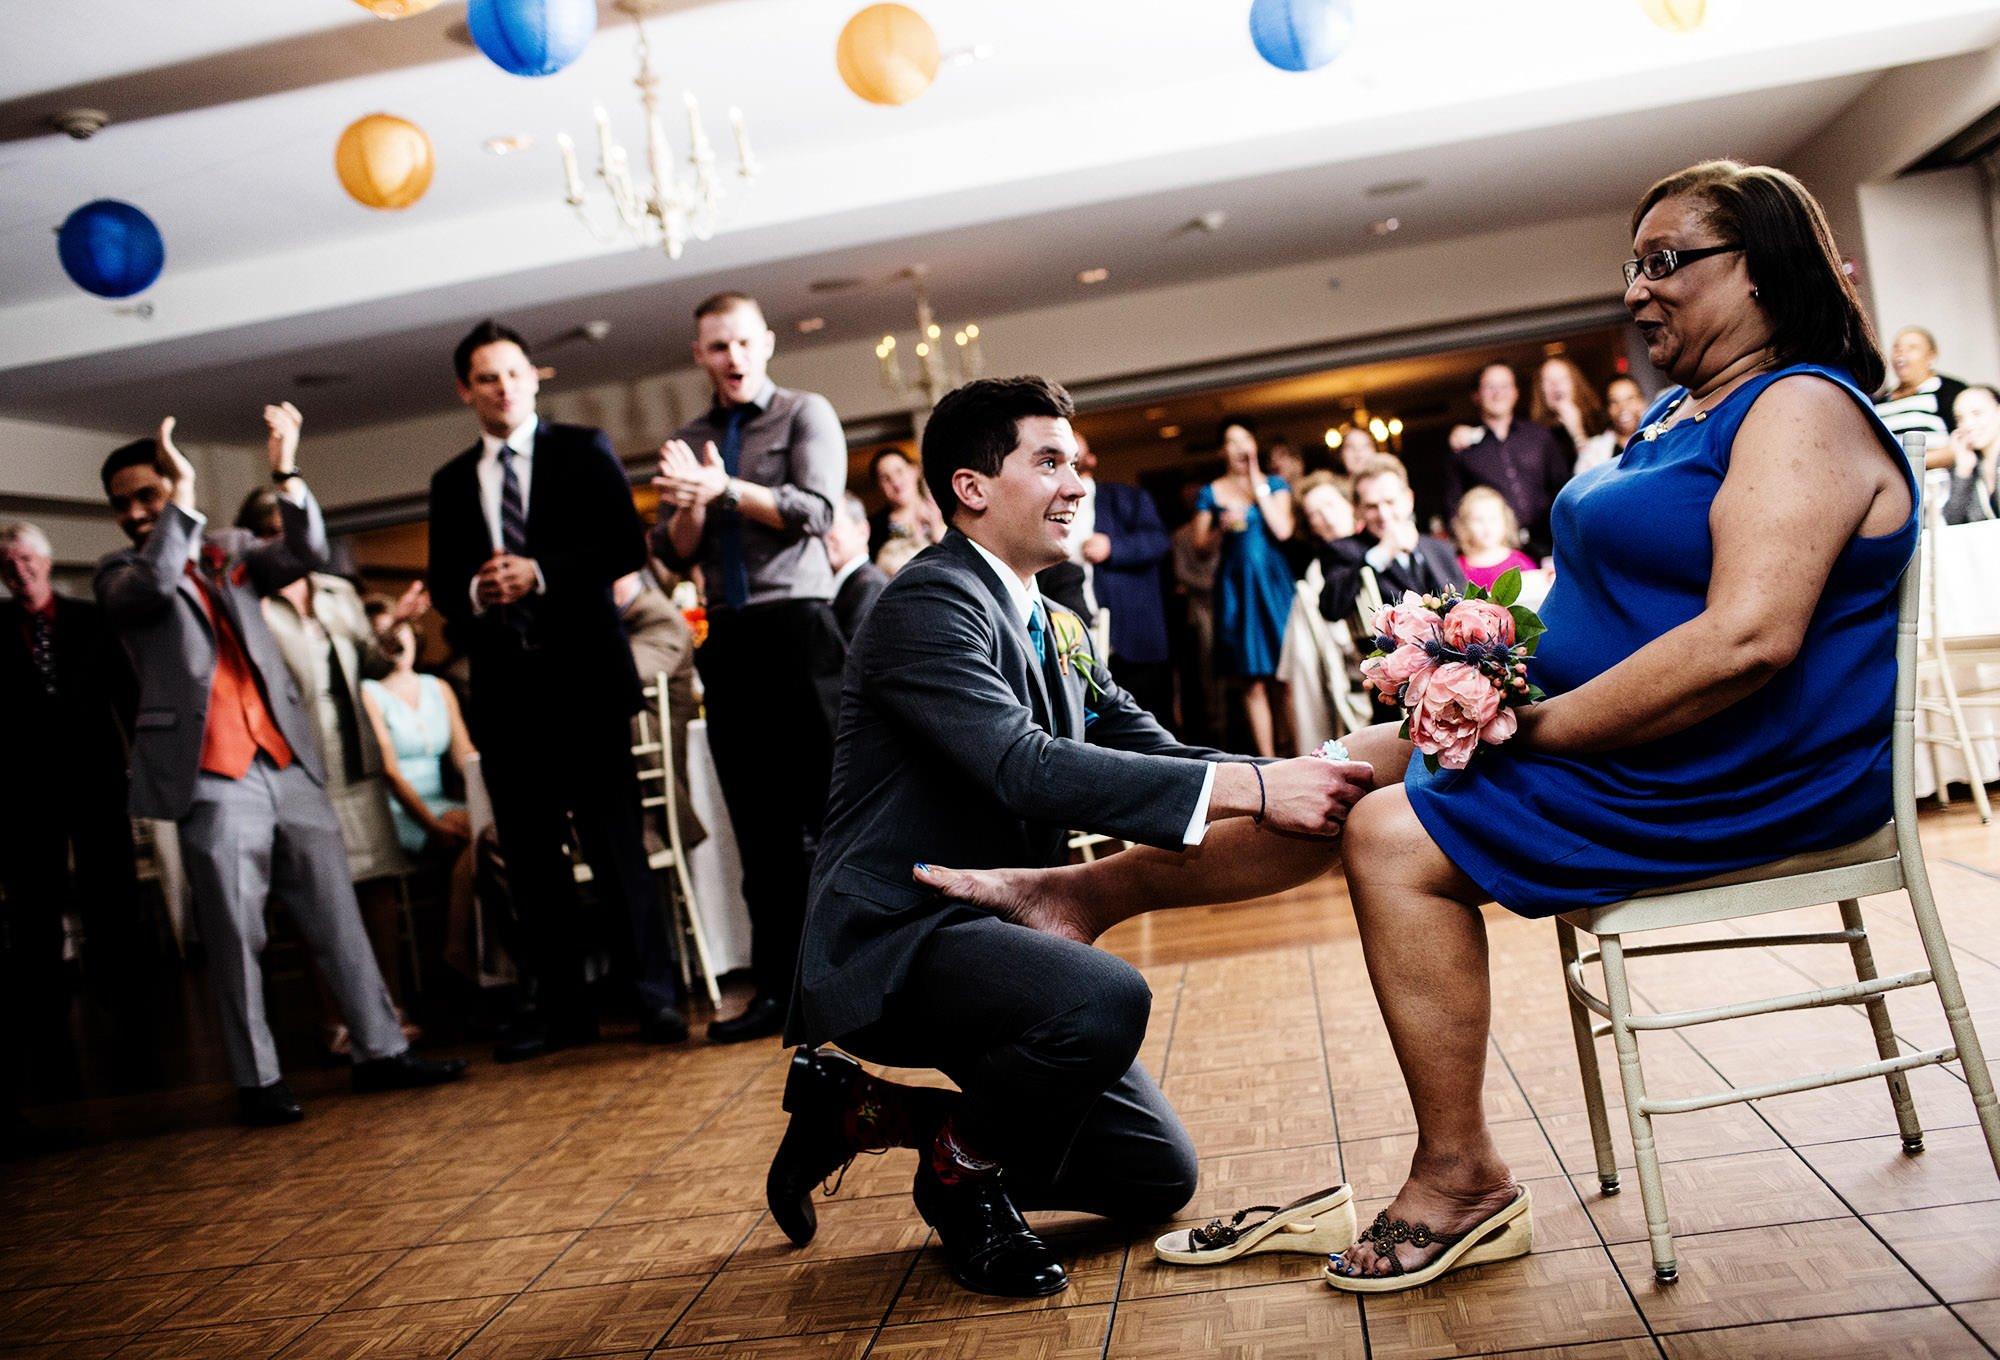 The Bouquet/Garter Toss during the wedding reception at Oaks Waterfront Inn.